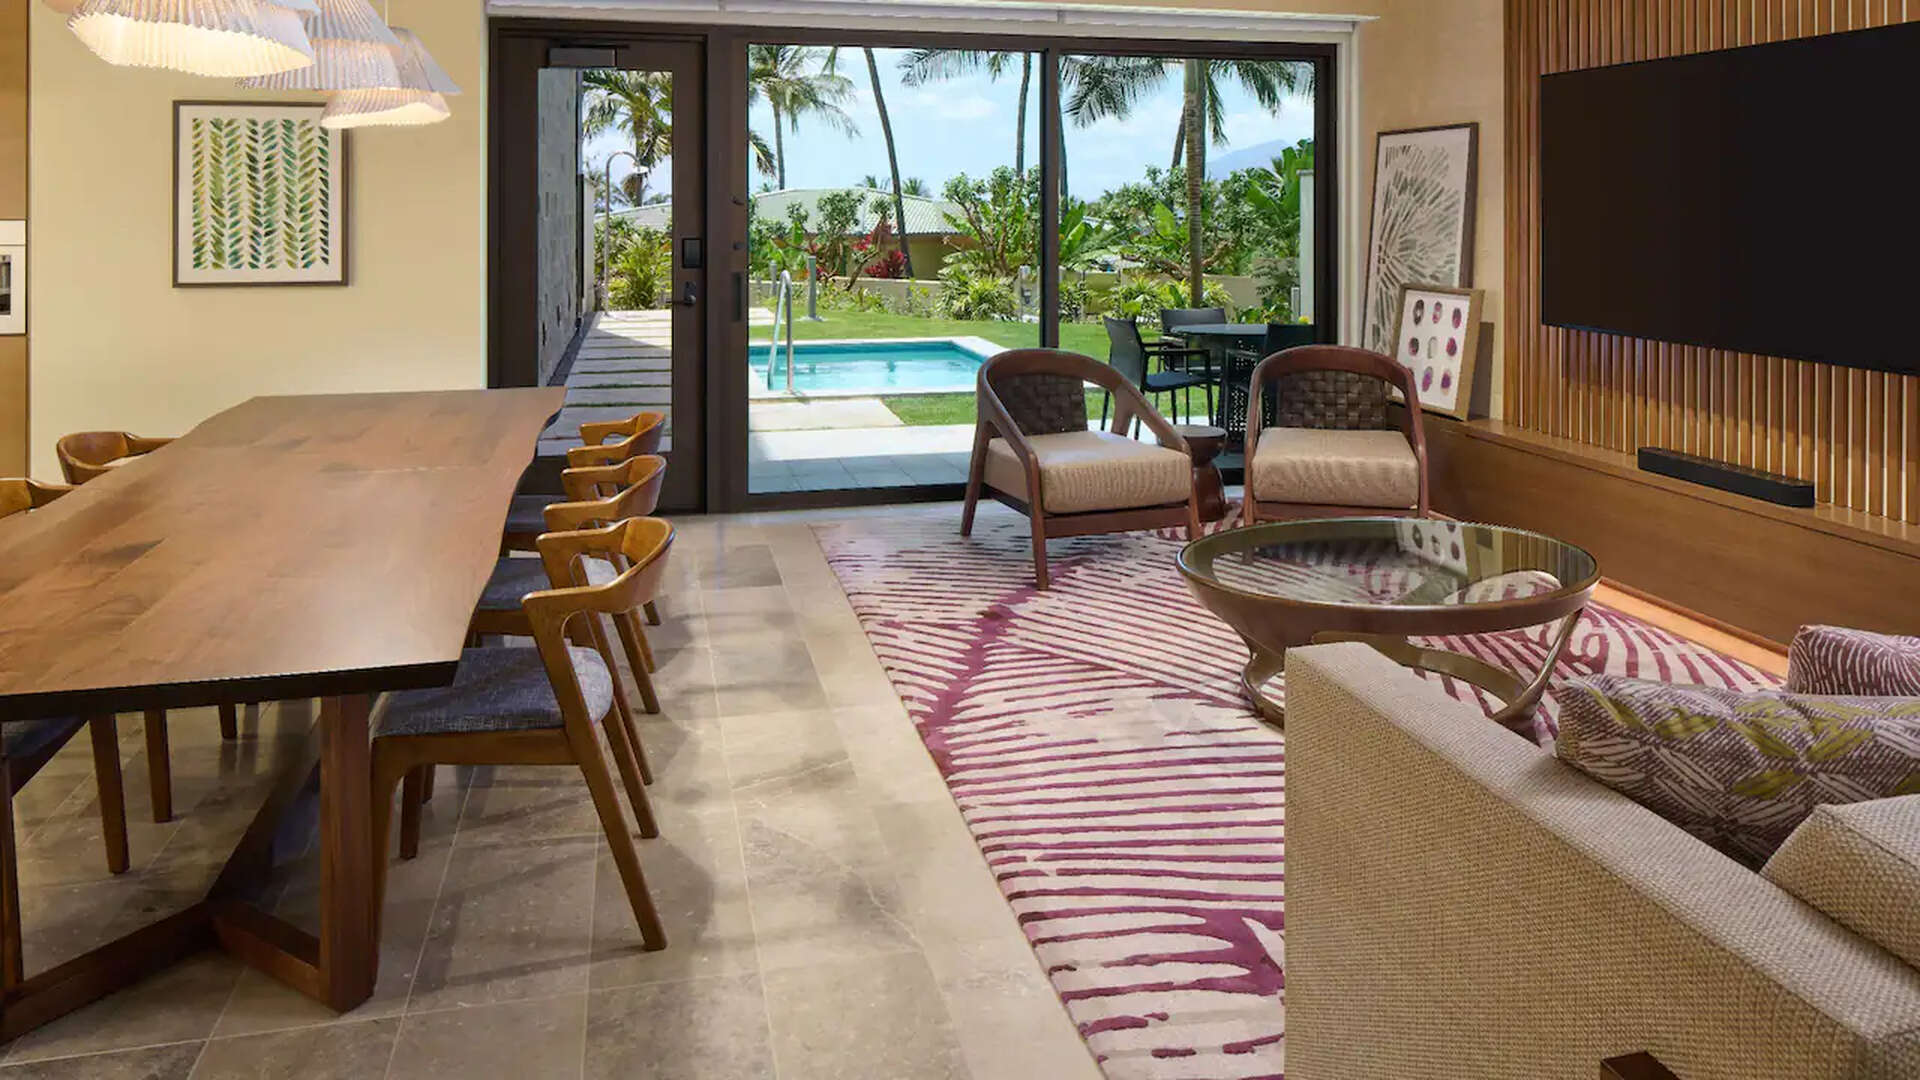 - Ilikai 3 BDM Garden View Villa - Image 1/5